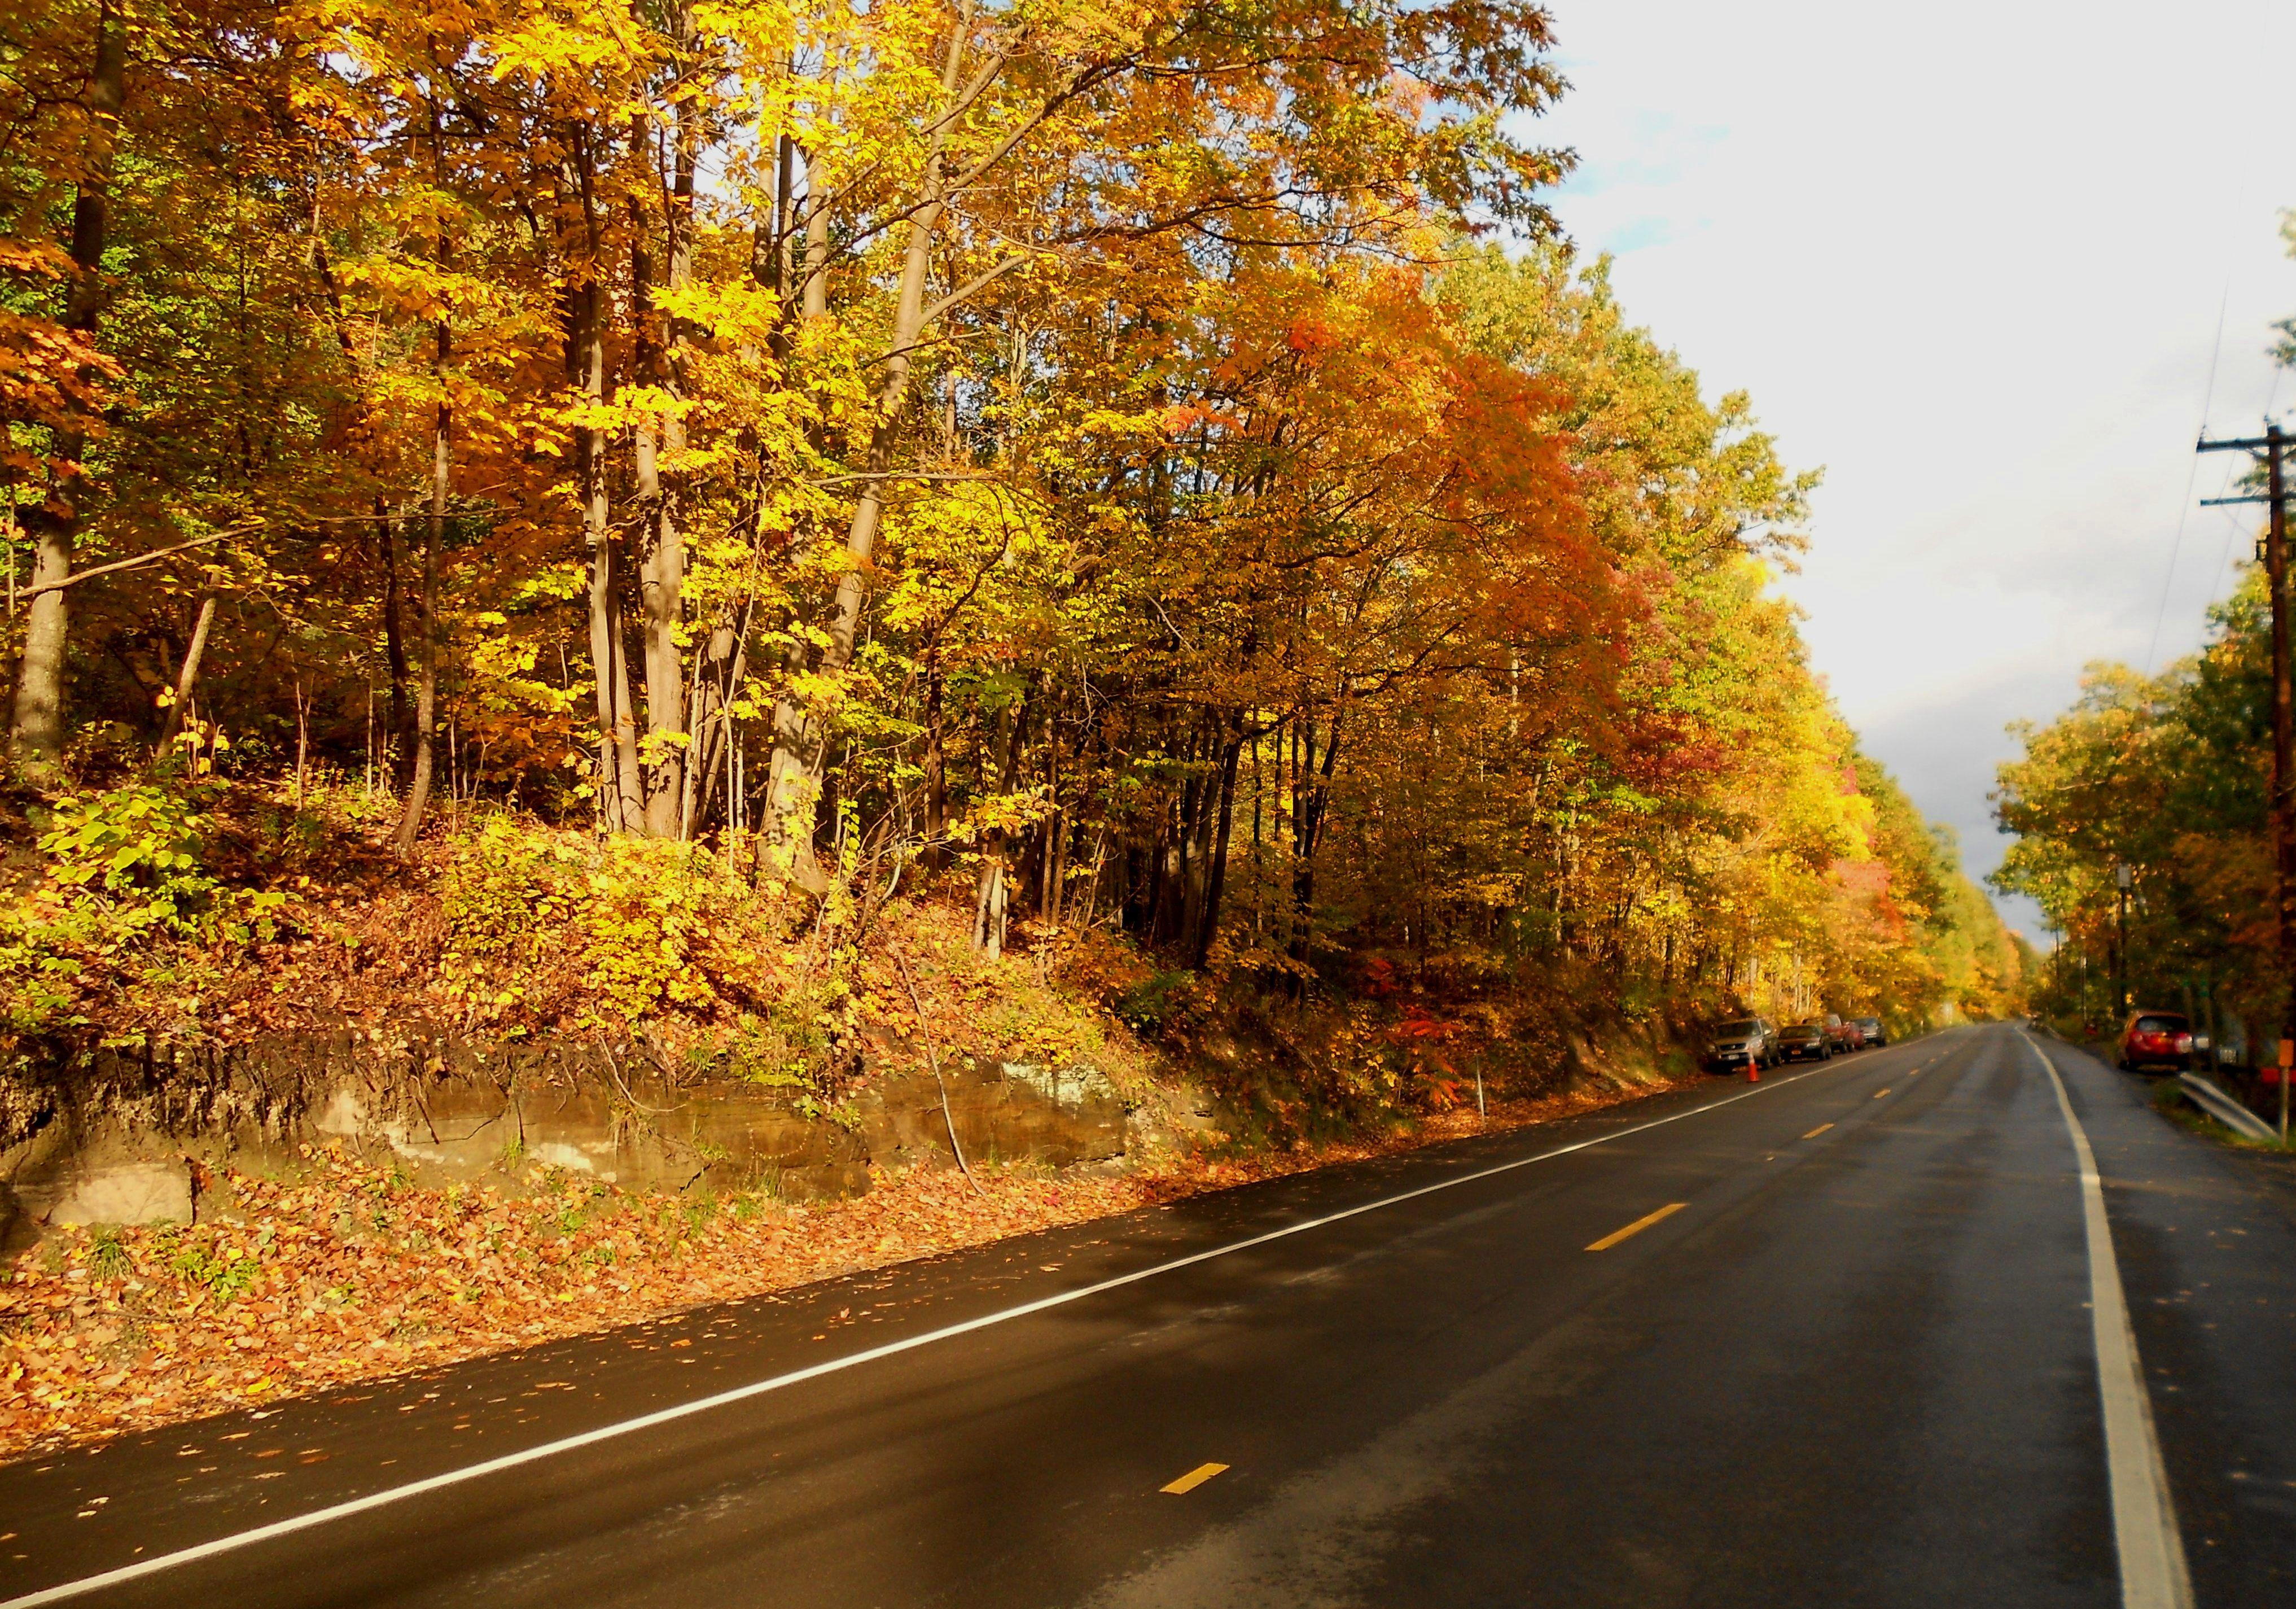 秋意正濃!來看紐約州的美麗秋葉